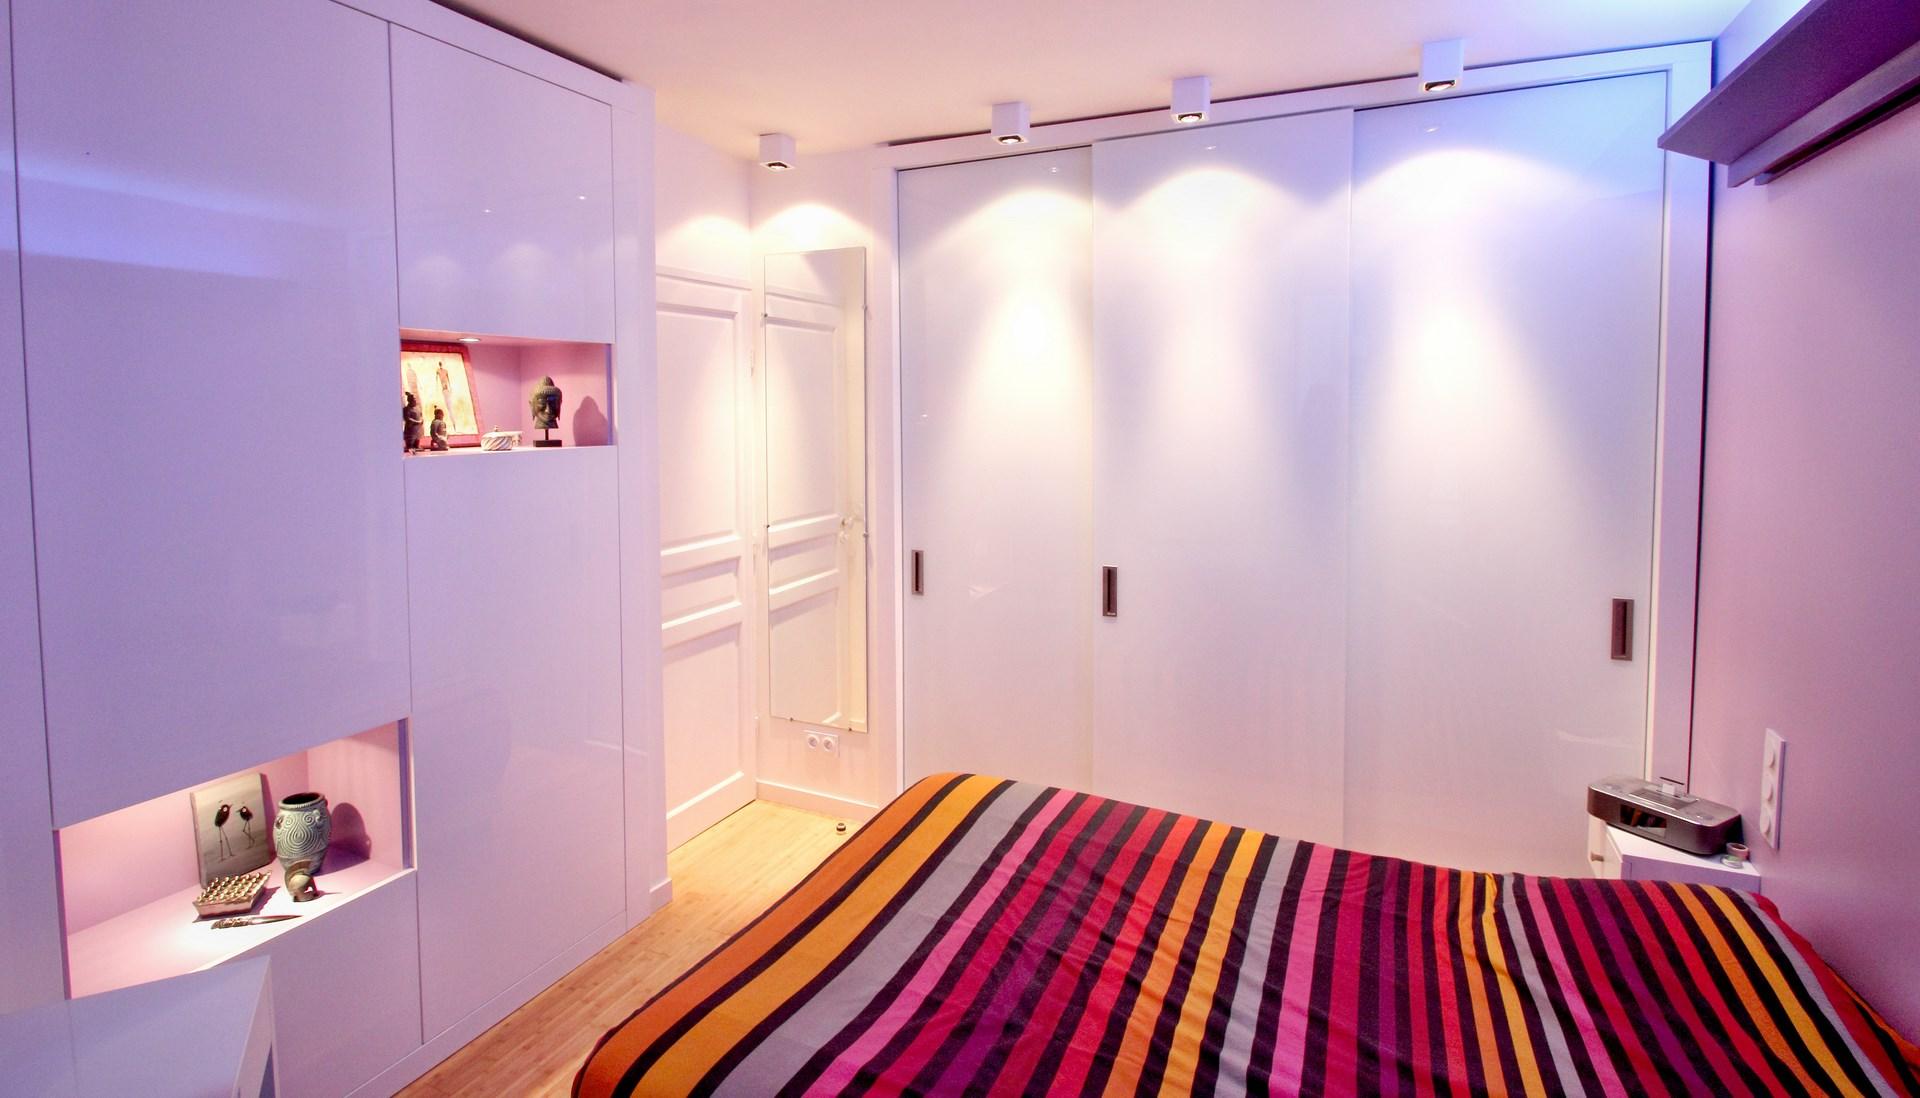 architecte paris republique renovation chambre meuble sur mesure laque miroir parquet bambou prestige agence avous